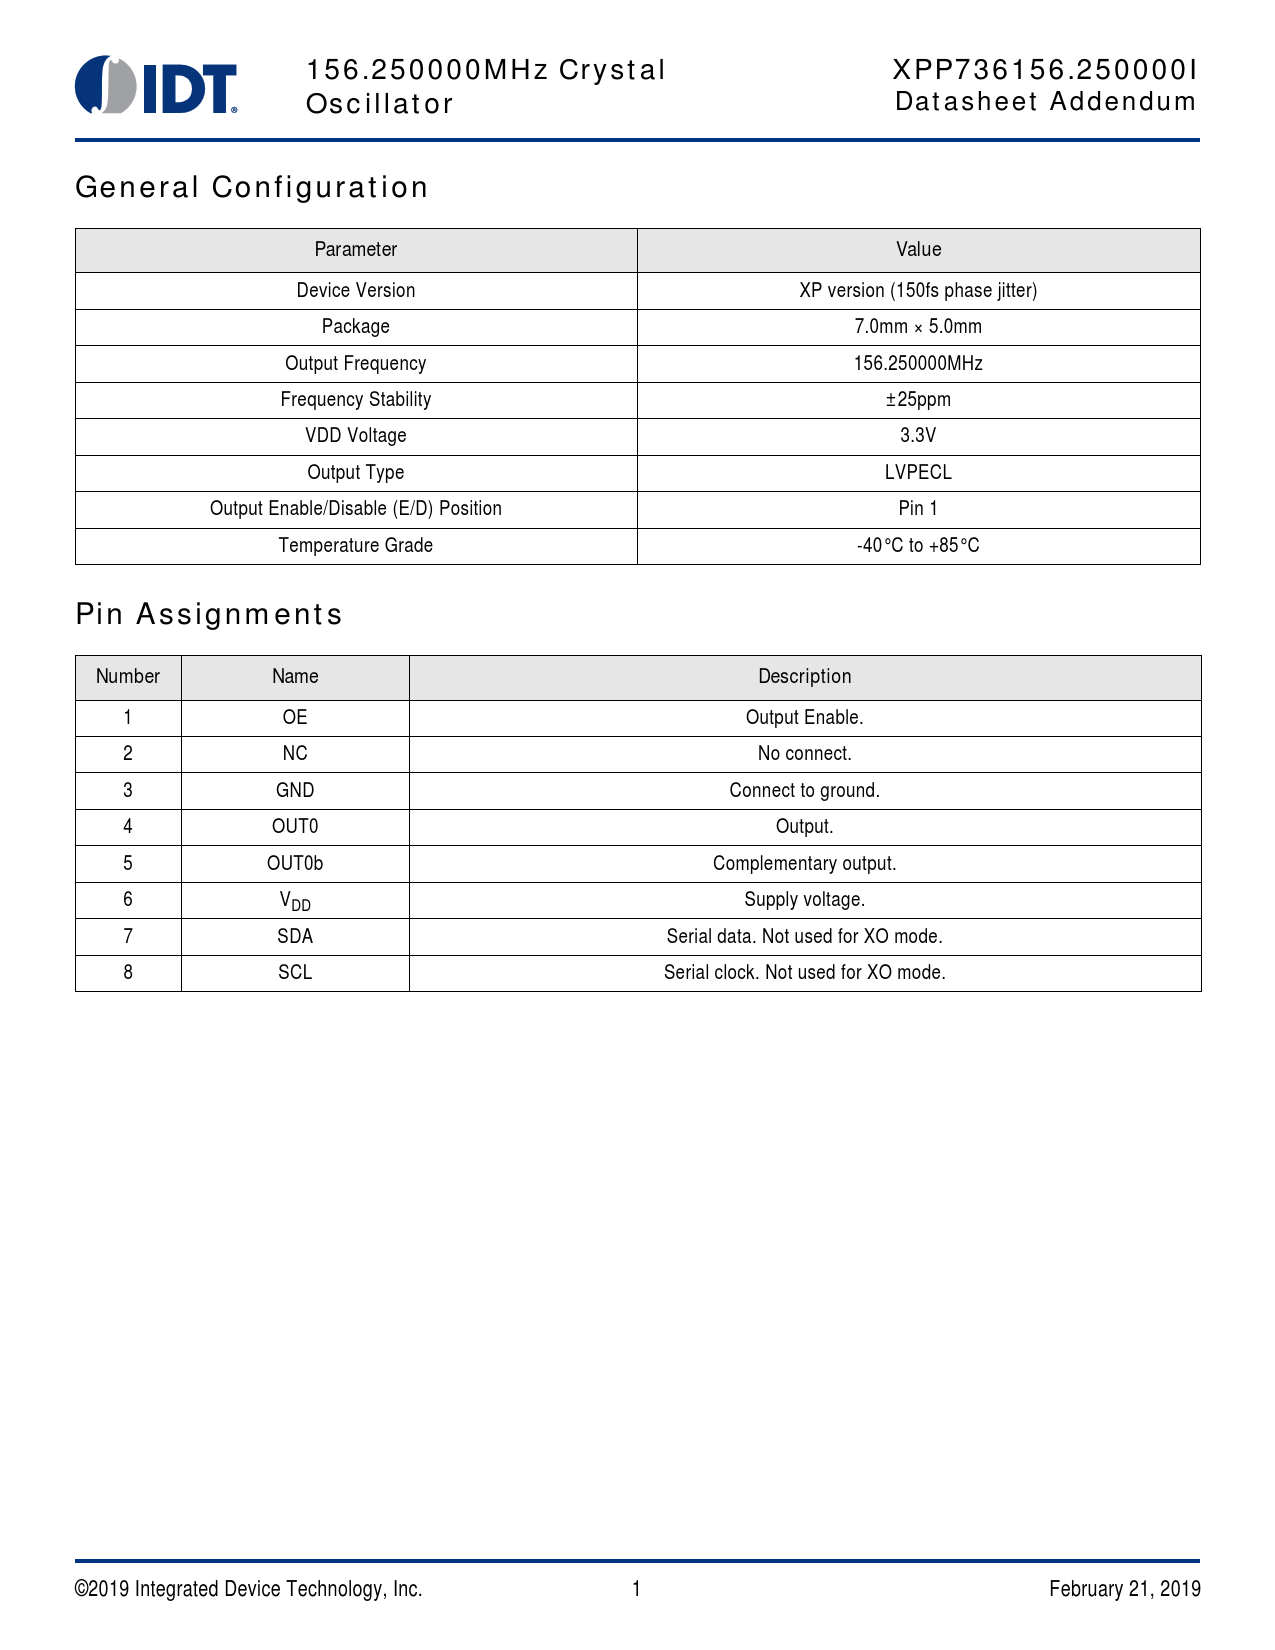 Datasheet Addendum XPP736156.250000I IDT, Revision: 20190228